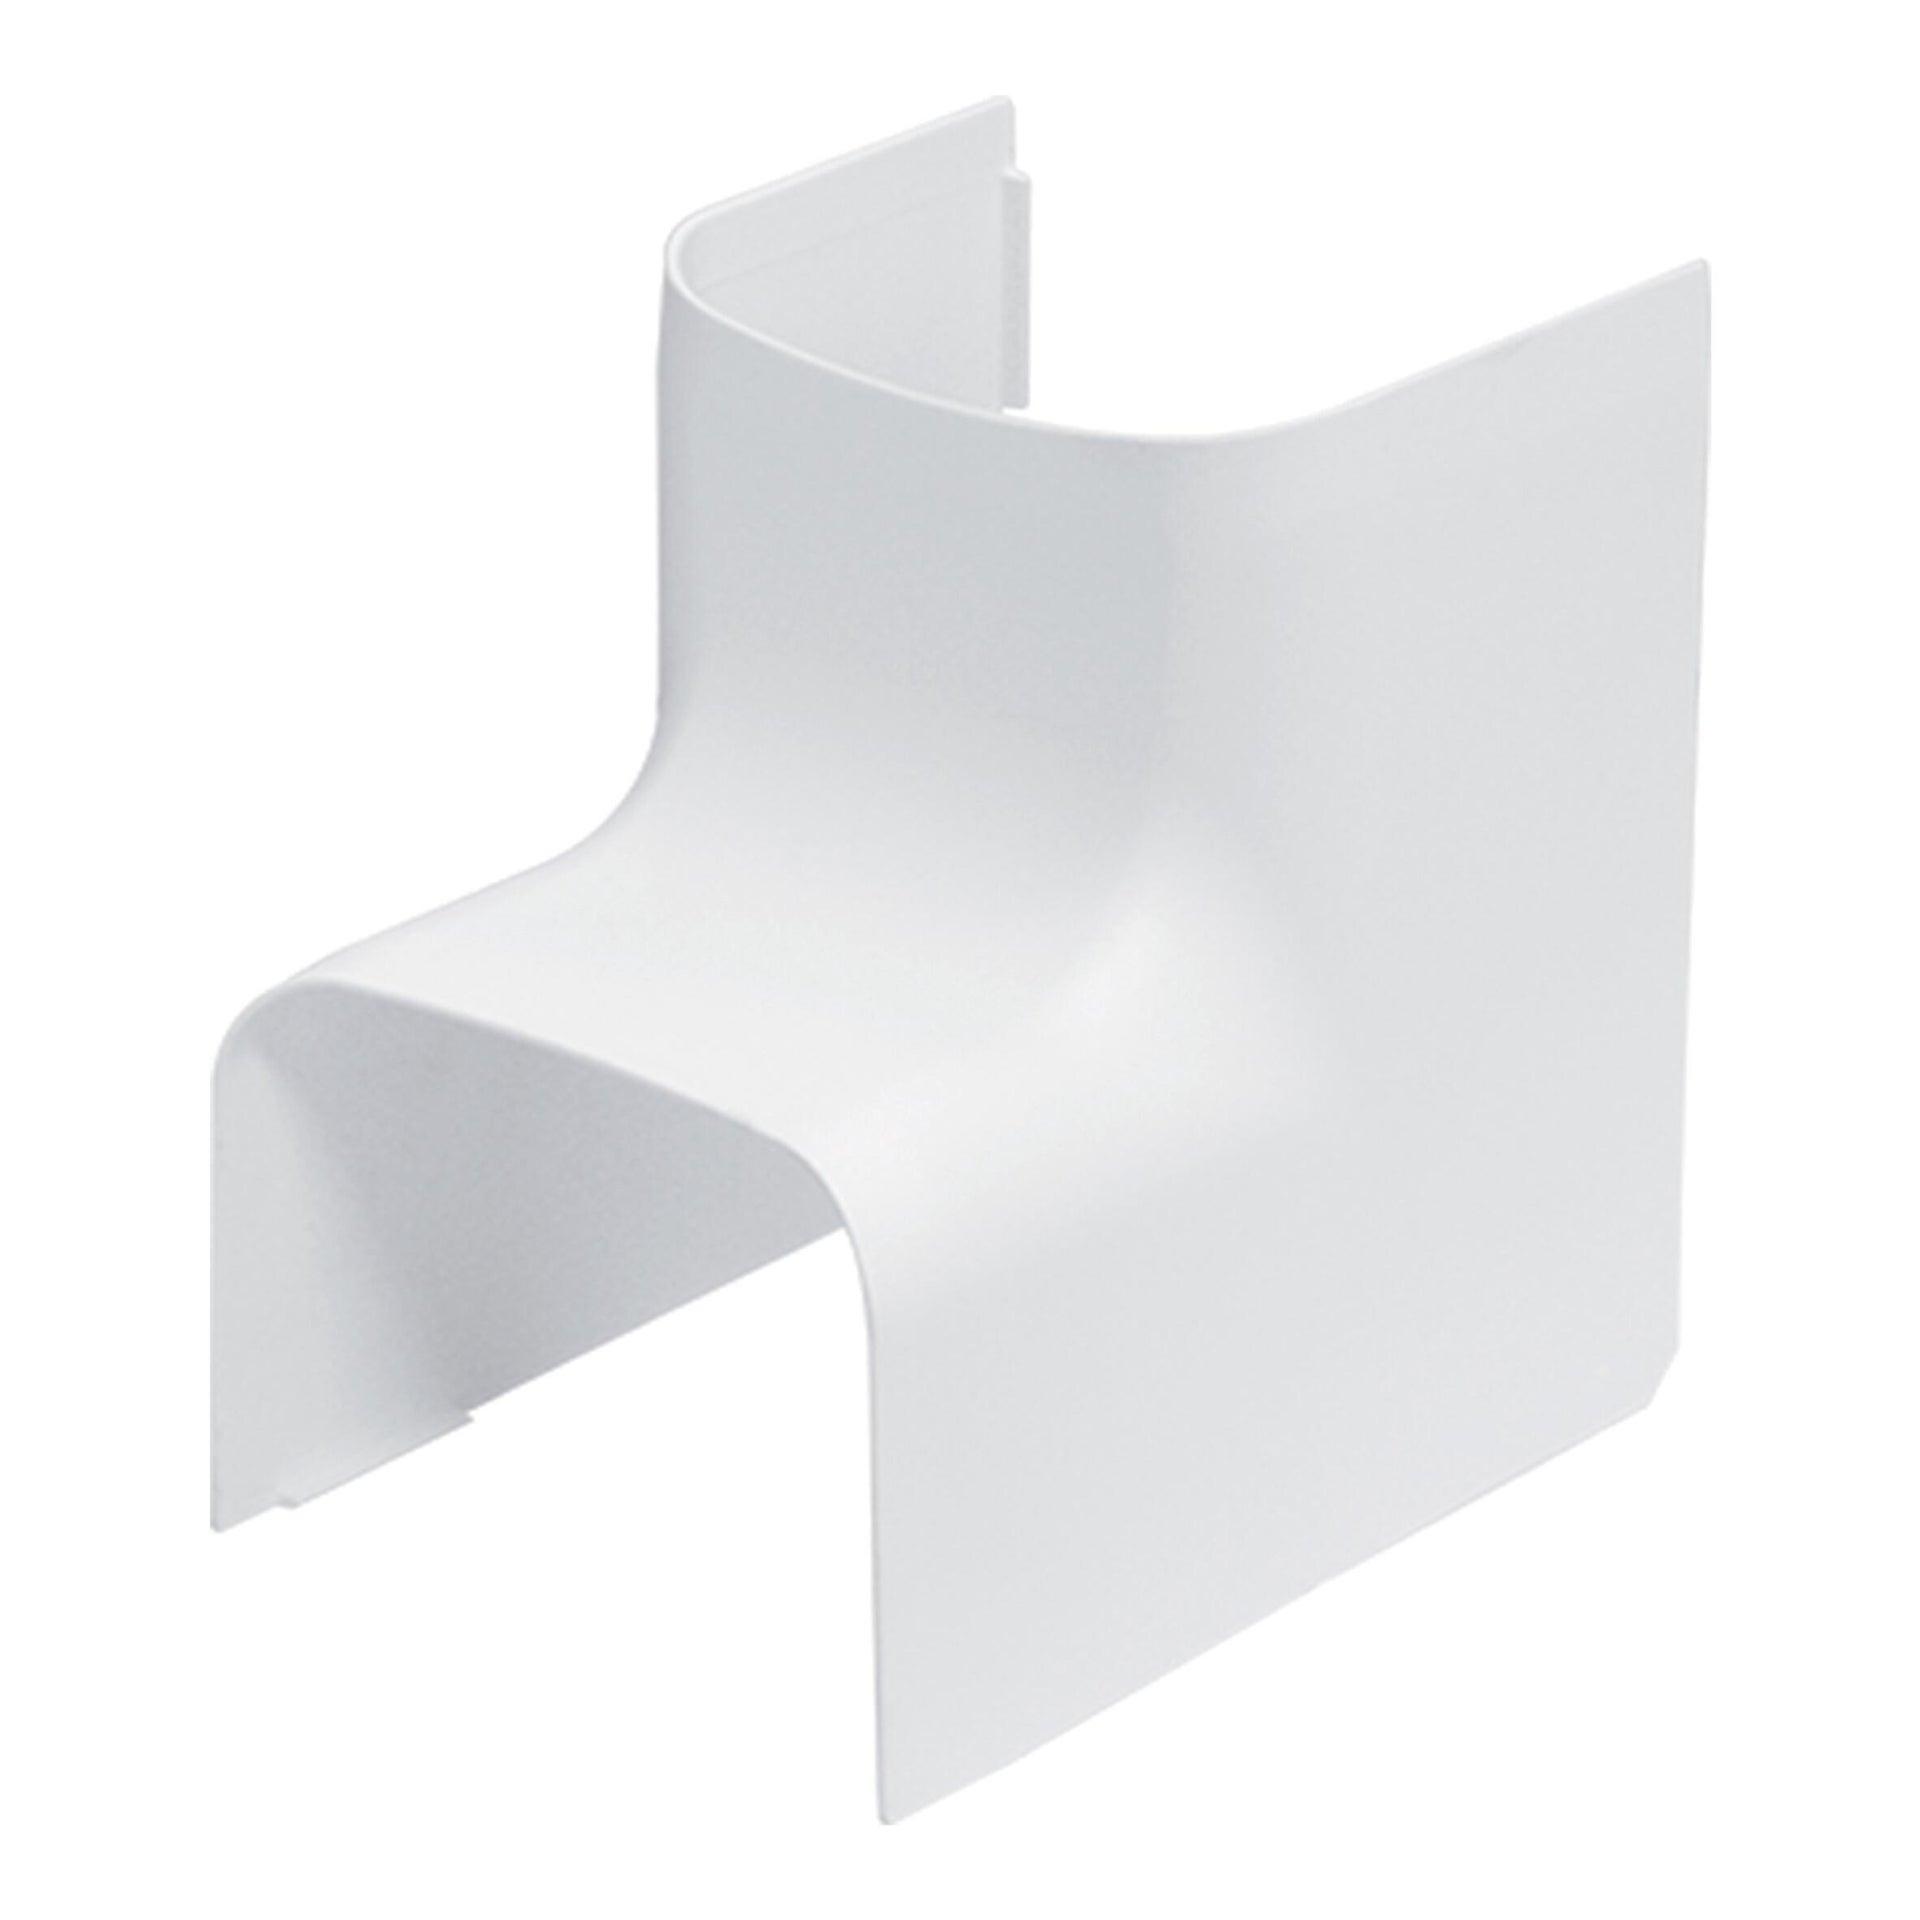 Angolo interno 90° 6.5 x 5 - 1